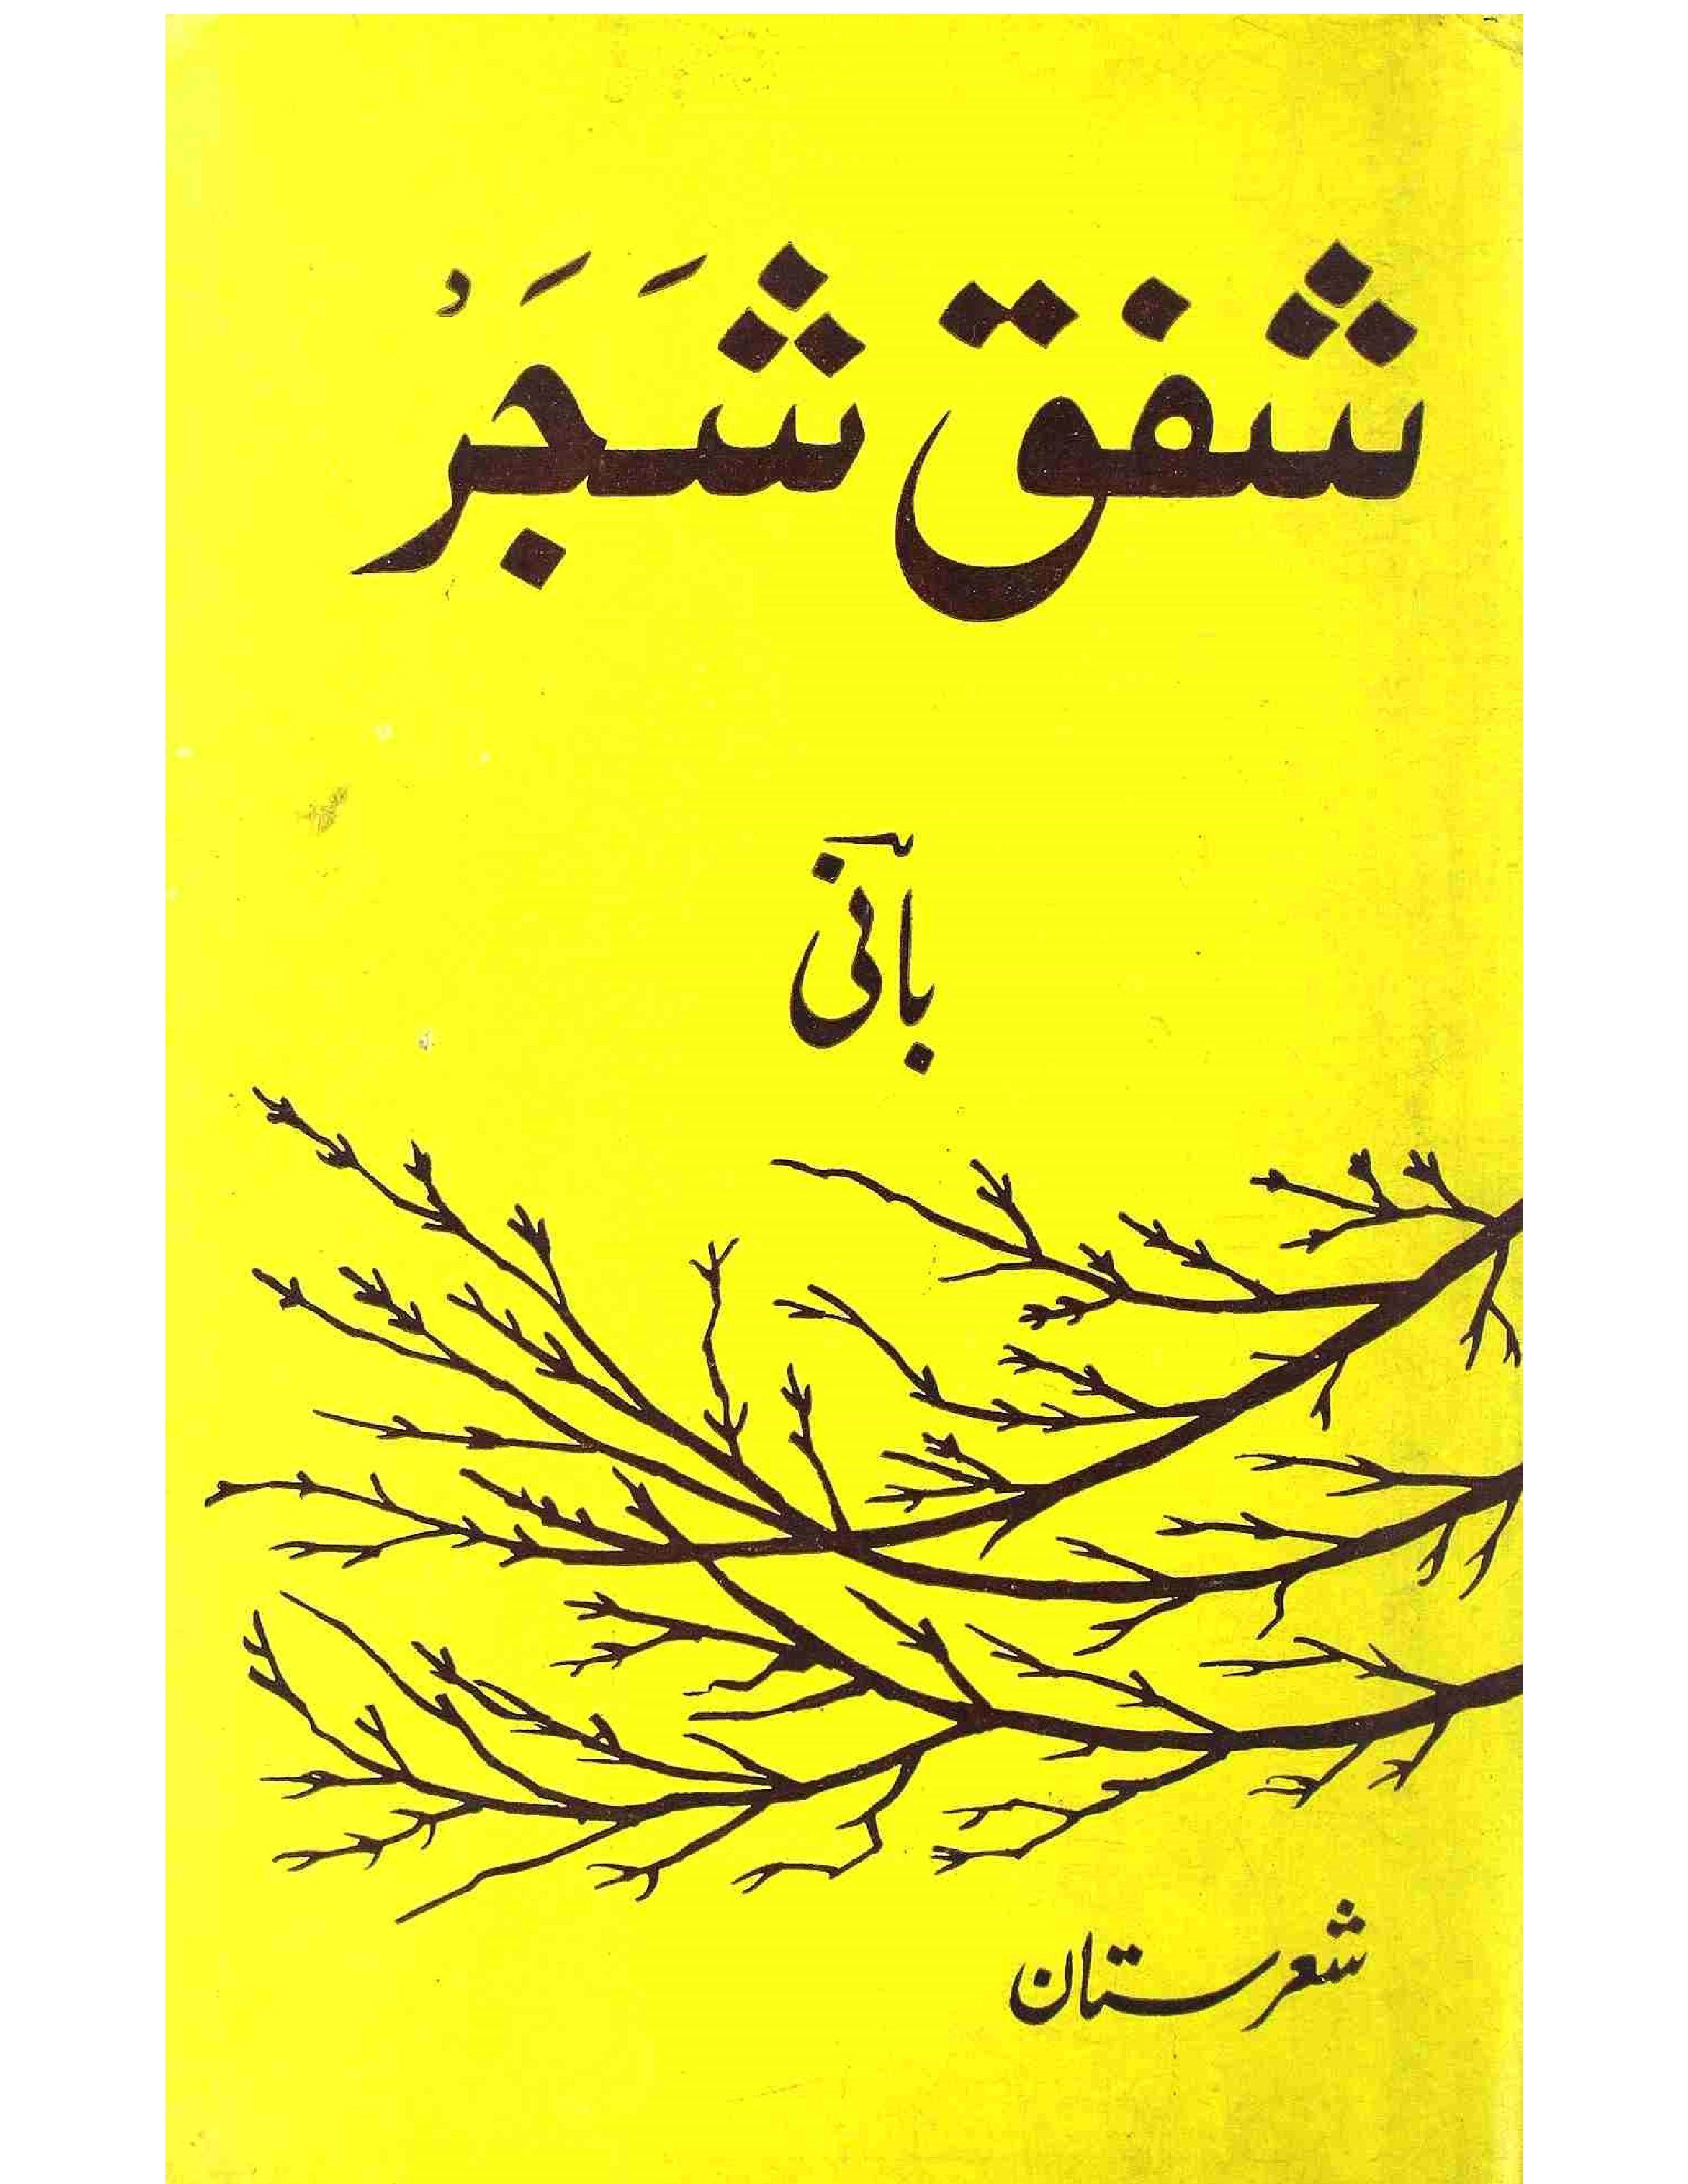 Shafaq Shajar